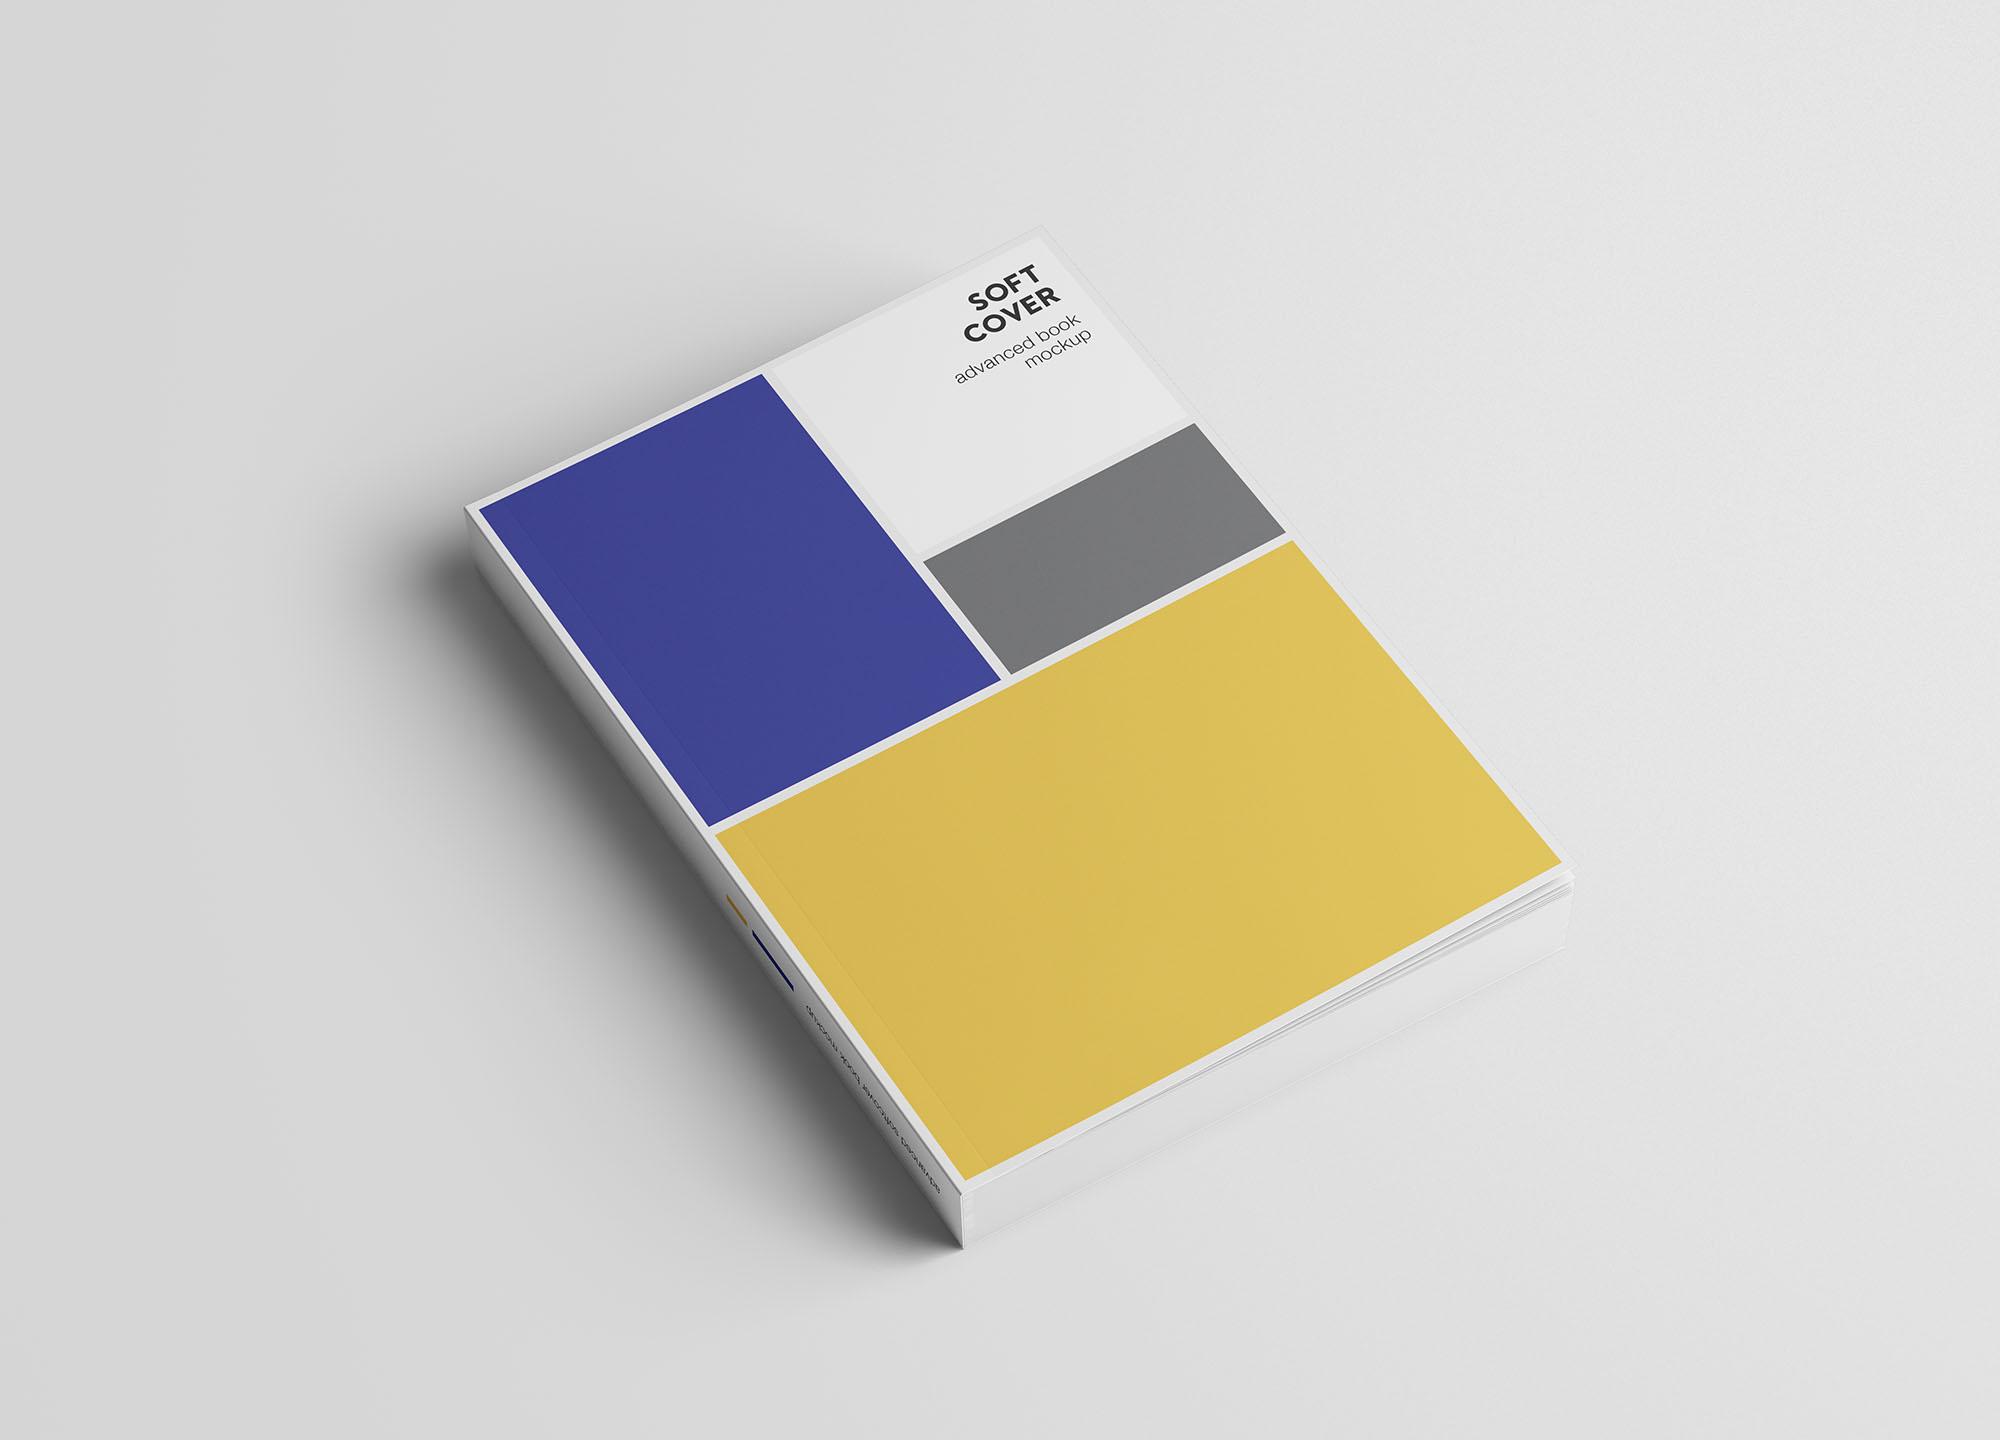 专业设计的A5平装书画册样机PSD模板 A5 Softcover Book Mockup插图(1)